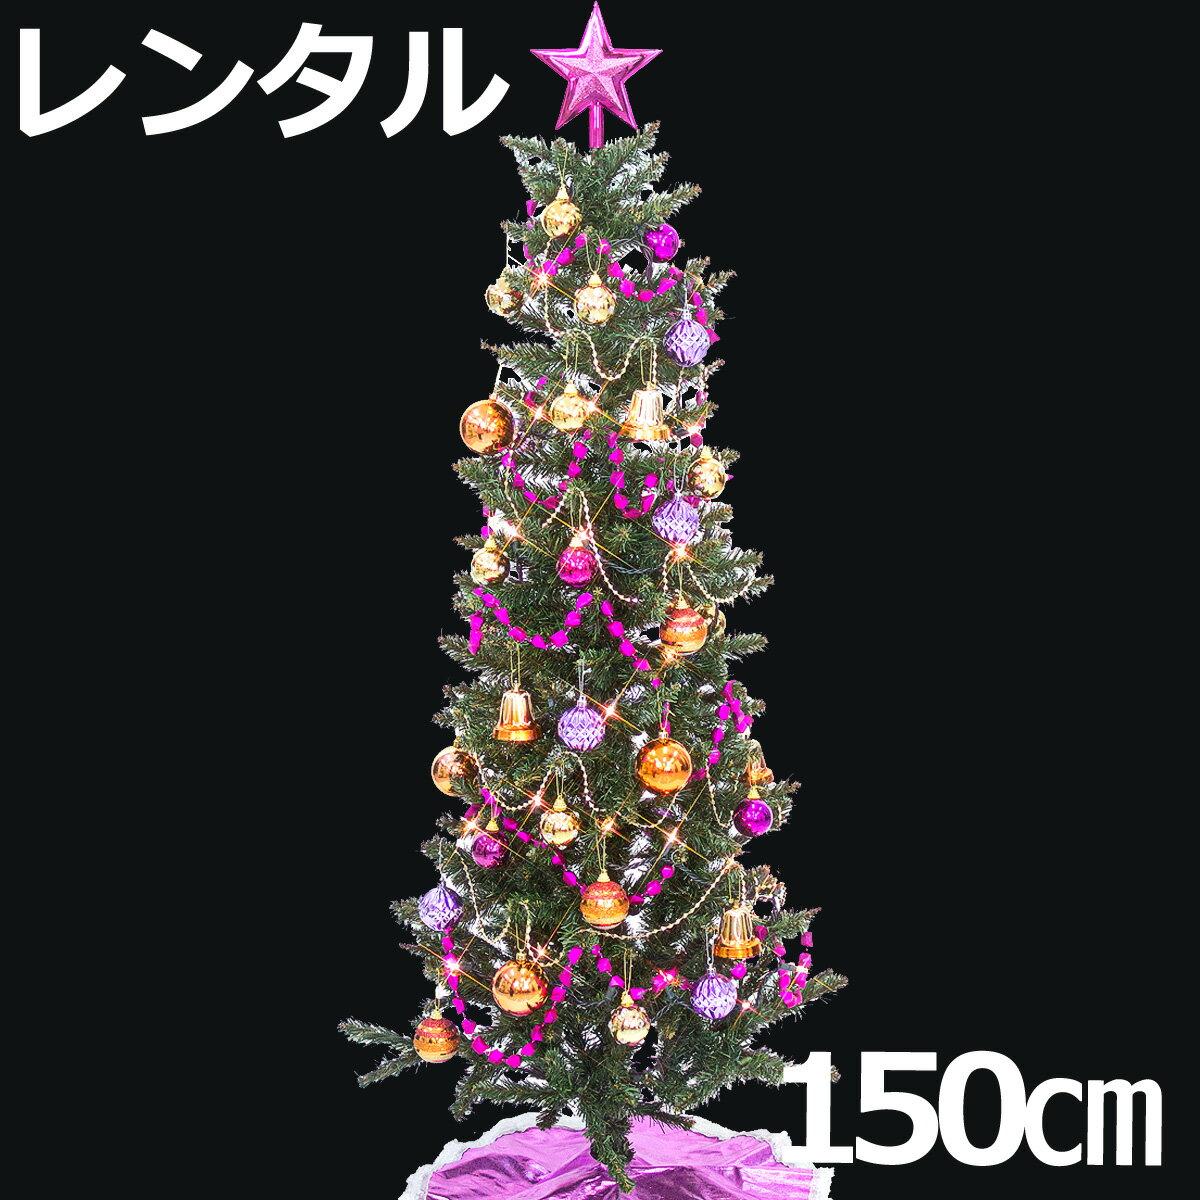 【レンタル】 スリム クリスマスツリー セット 150cm シャイニーピンク 【往復 送料無料】 クリスマスツリー レンタル fy16REN07